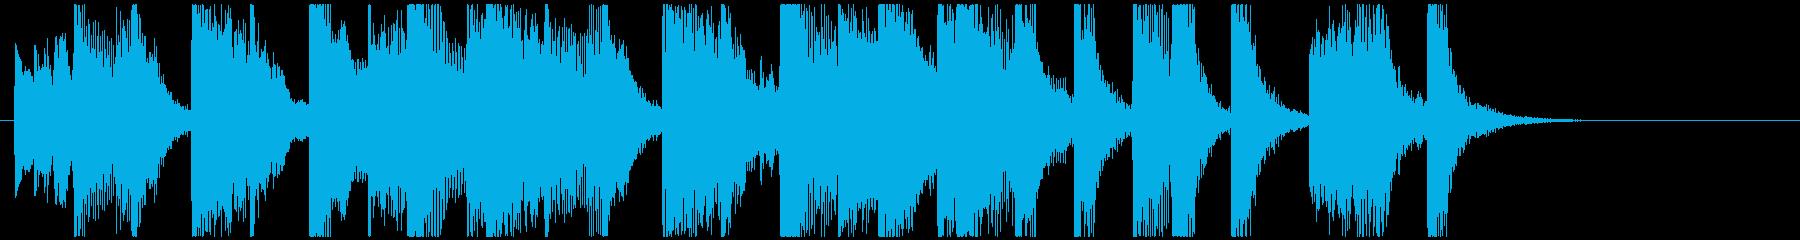 軽快なノリのスウィング系ジングルの再生済みの波形